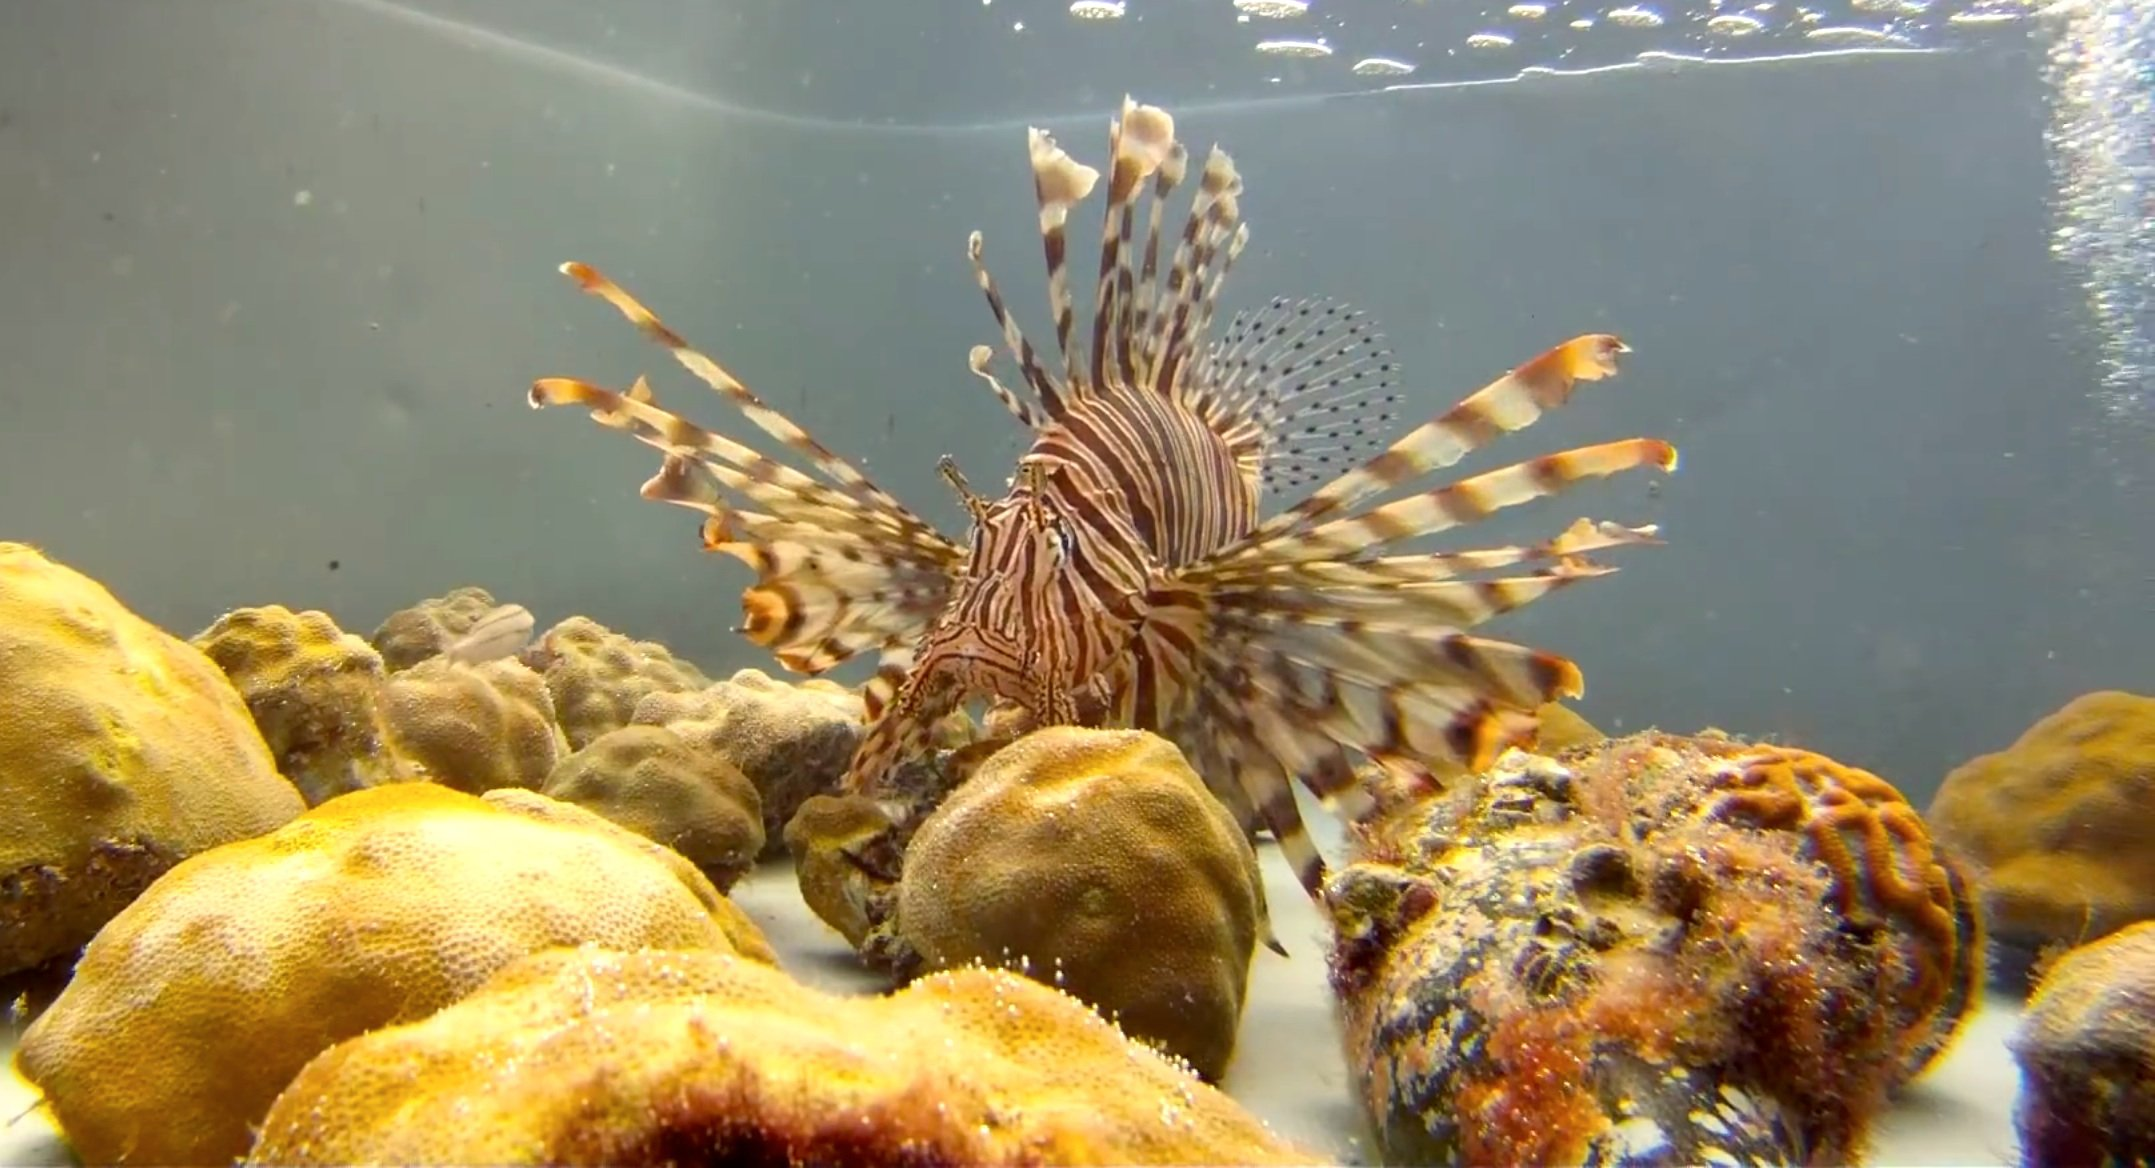 Rotfeuerfisch im Aquarium: Die Fische sollen aus Aquarien entwischt sein und haben sich inzwischen im Atlantik verbreitet, wo sie keine natürlichen Feinde haben.